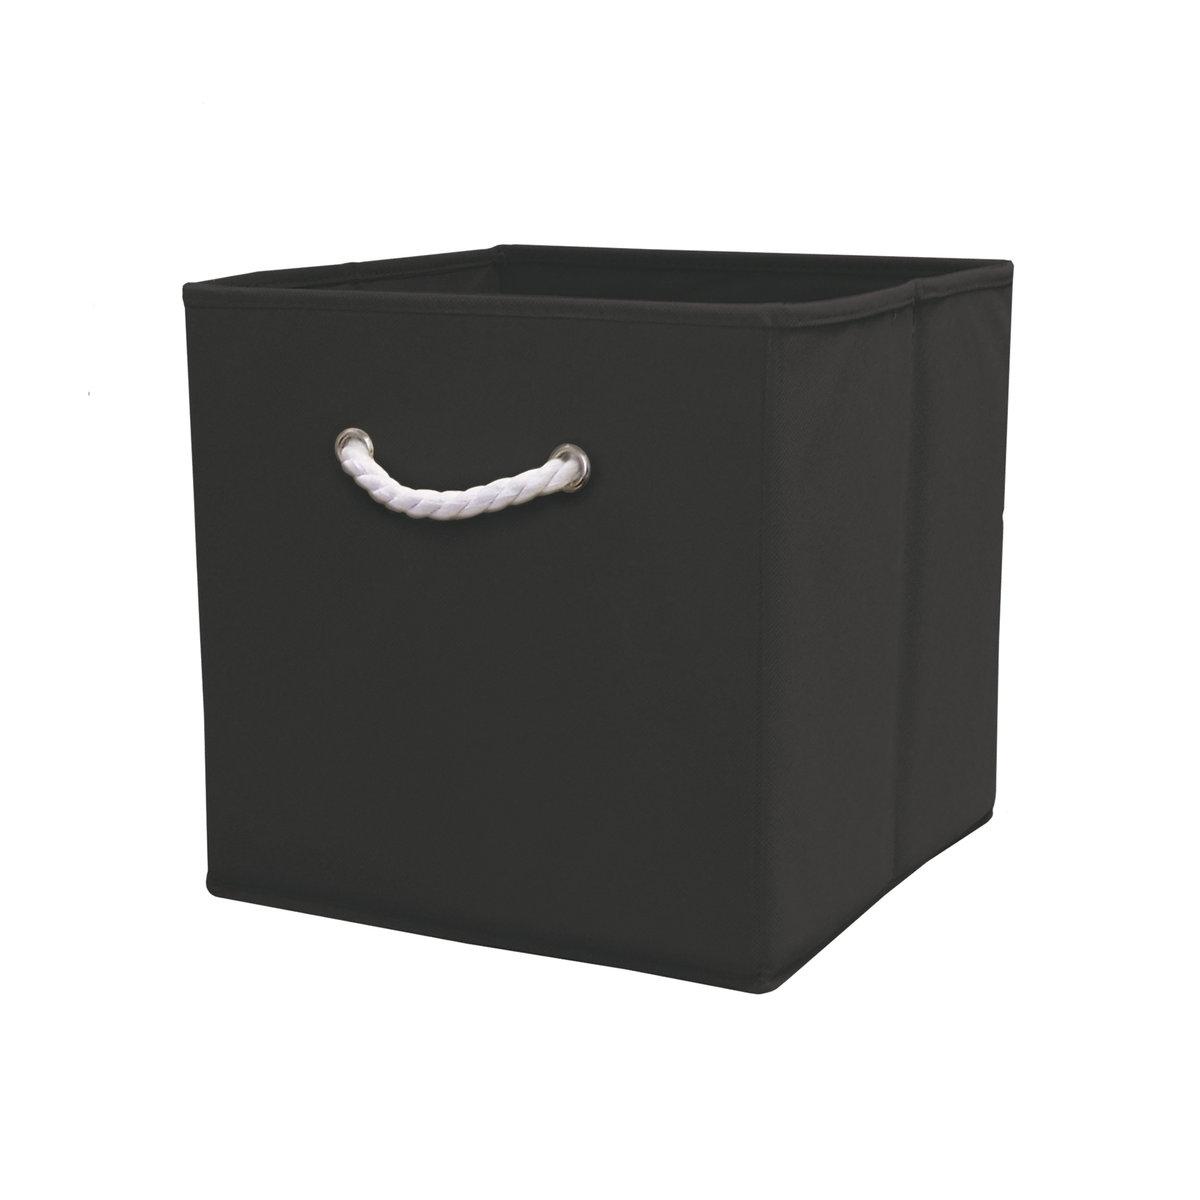 Короба для вещей из нетканого материала, DENISE denise 240ml